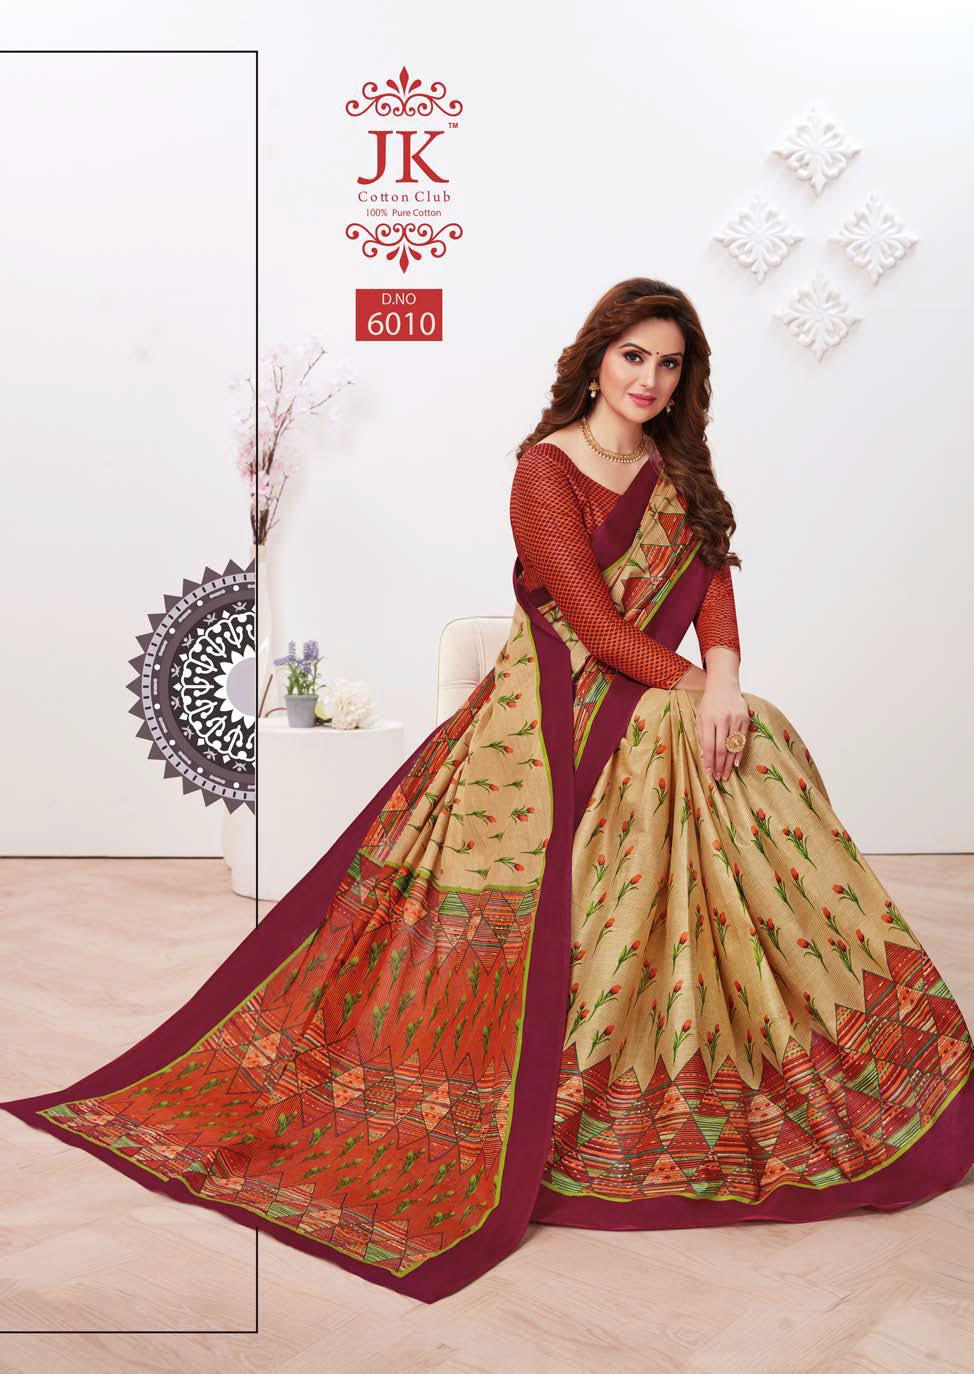 JK Tulsi Vol 6 B Saree Sari Wholesale Catalog 10 Pcs 8 - JK Tulsi Vol 6 B Saree Sari Wholesale Catalog 10 Pcs